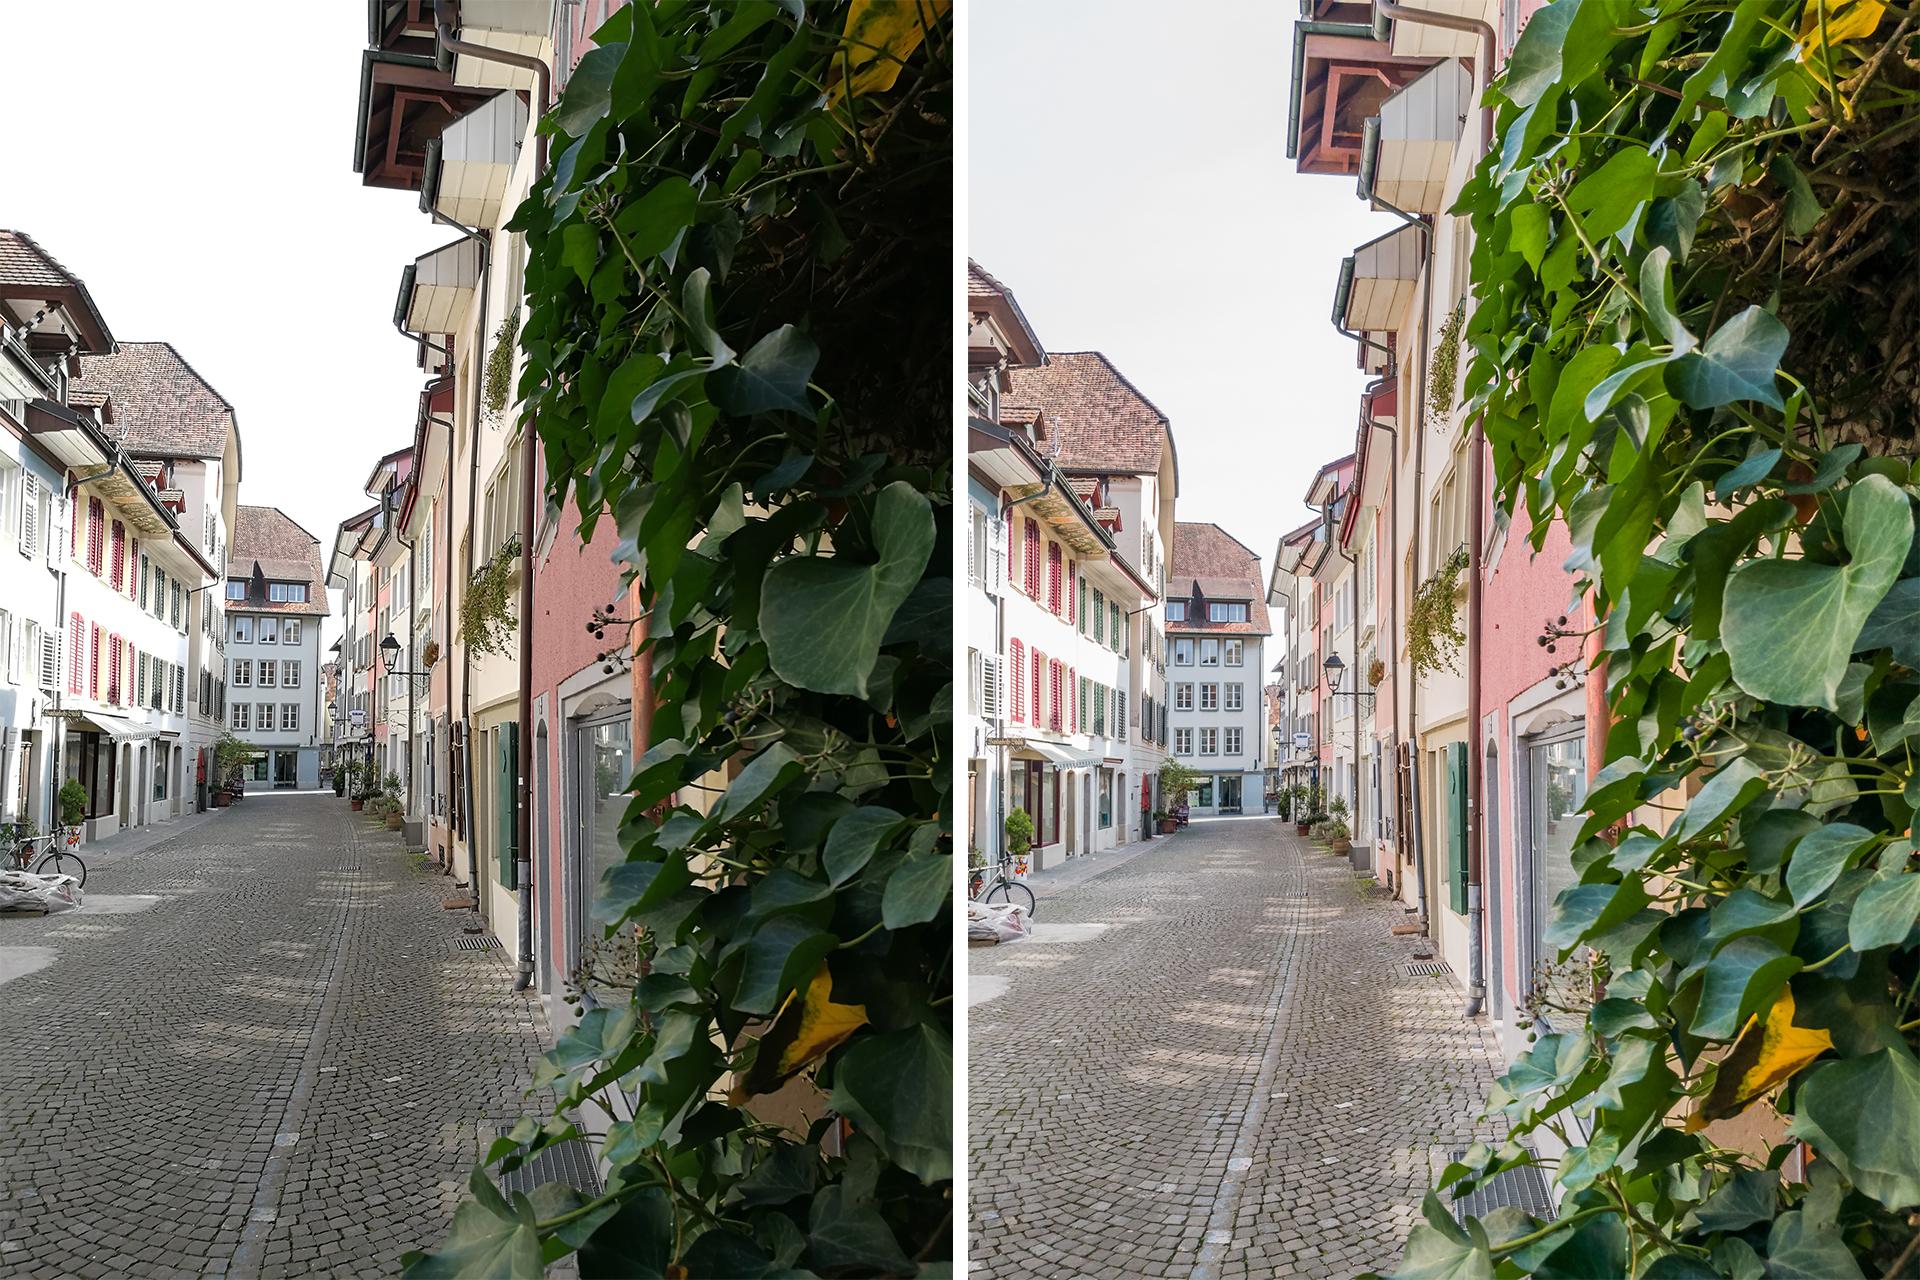 Huawei-p9-Testbild-Aarau-Altstadtgasse-vergleich